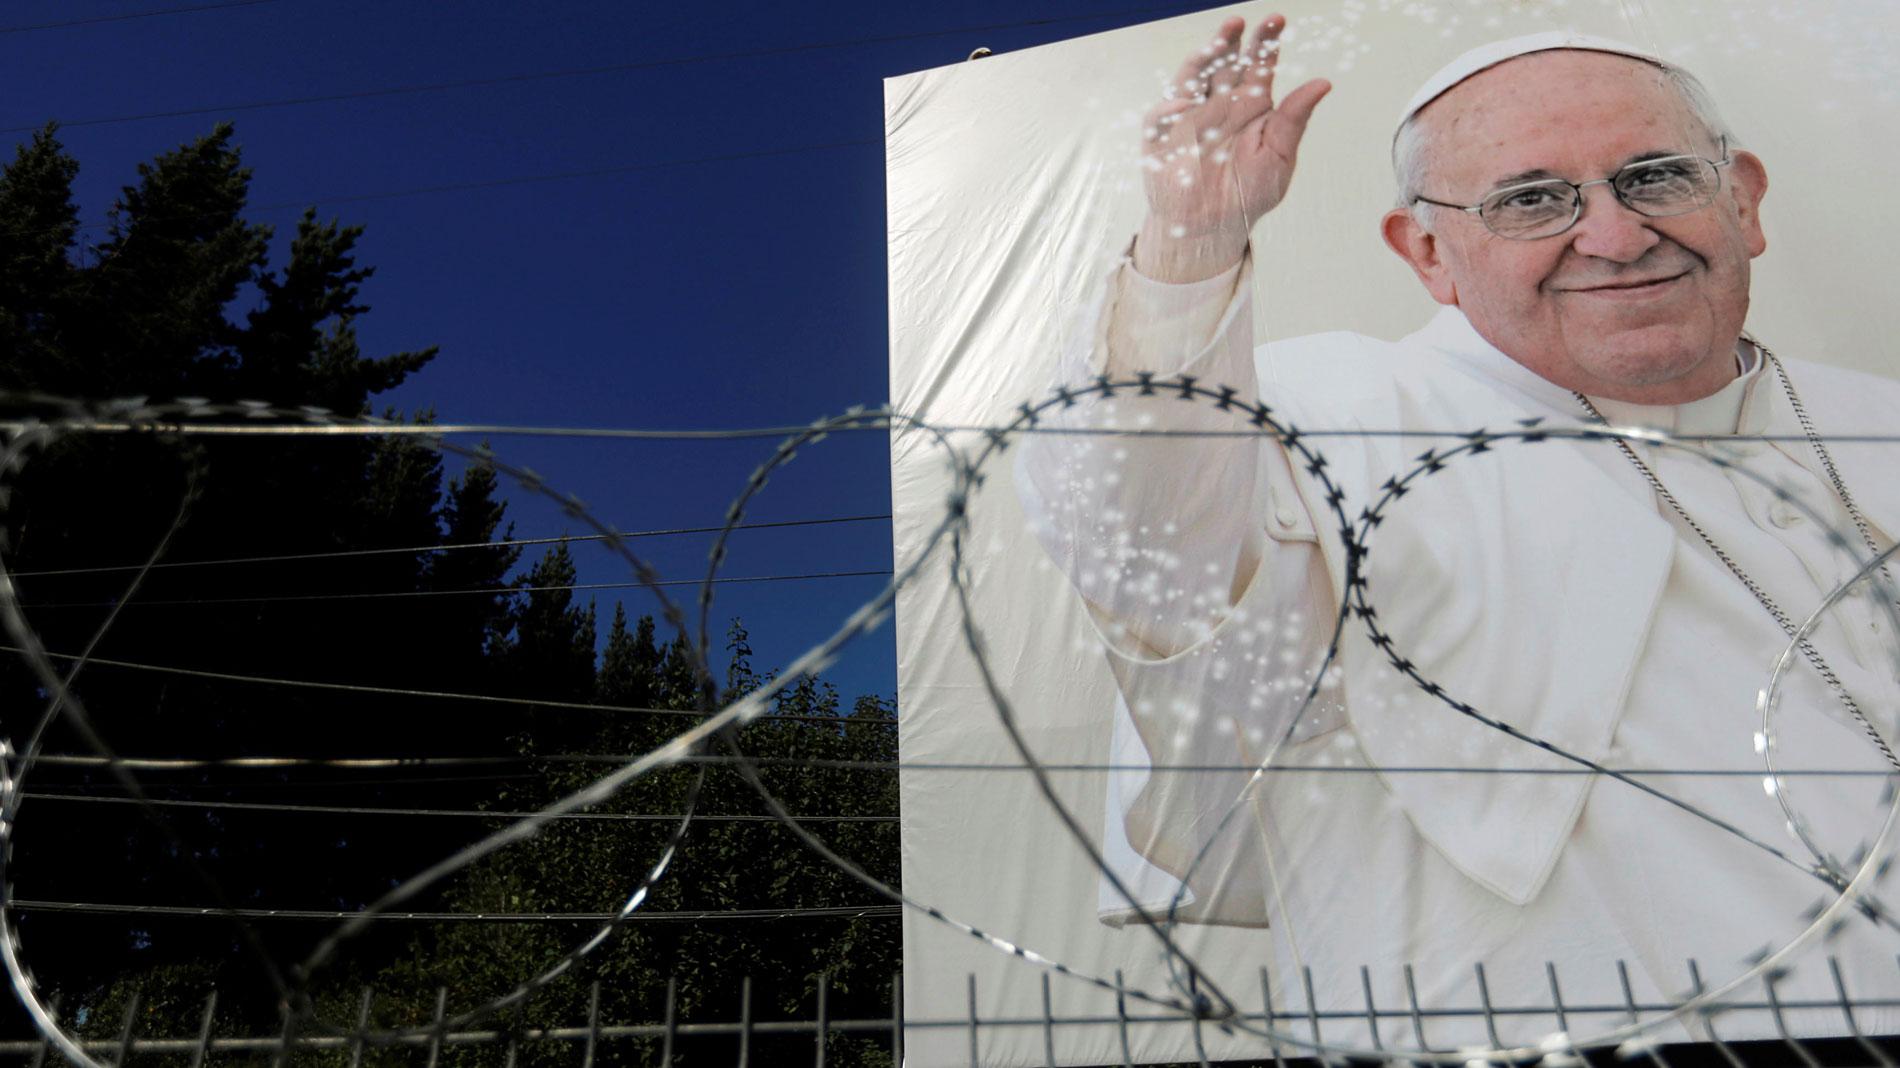 Críticas al Papa durante su visita a Chile por mantener a un obispo cuestionado por su actuación con los abusos sexuales